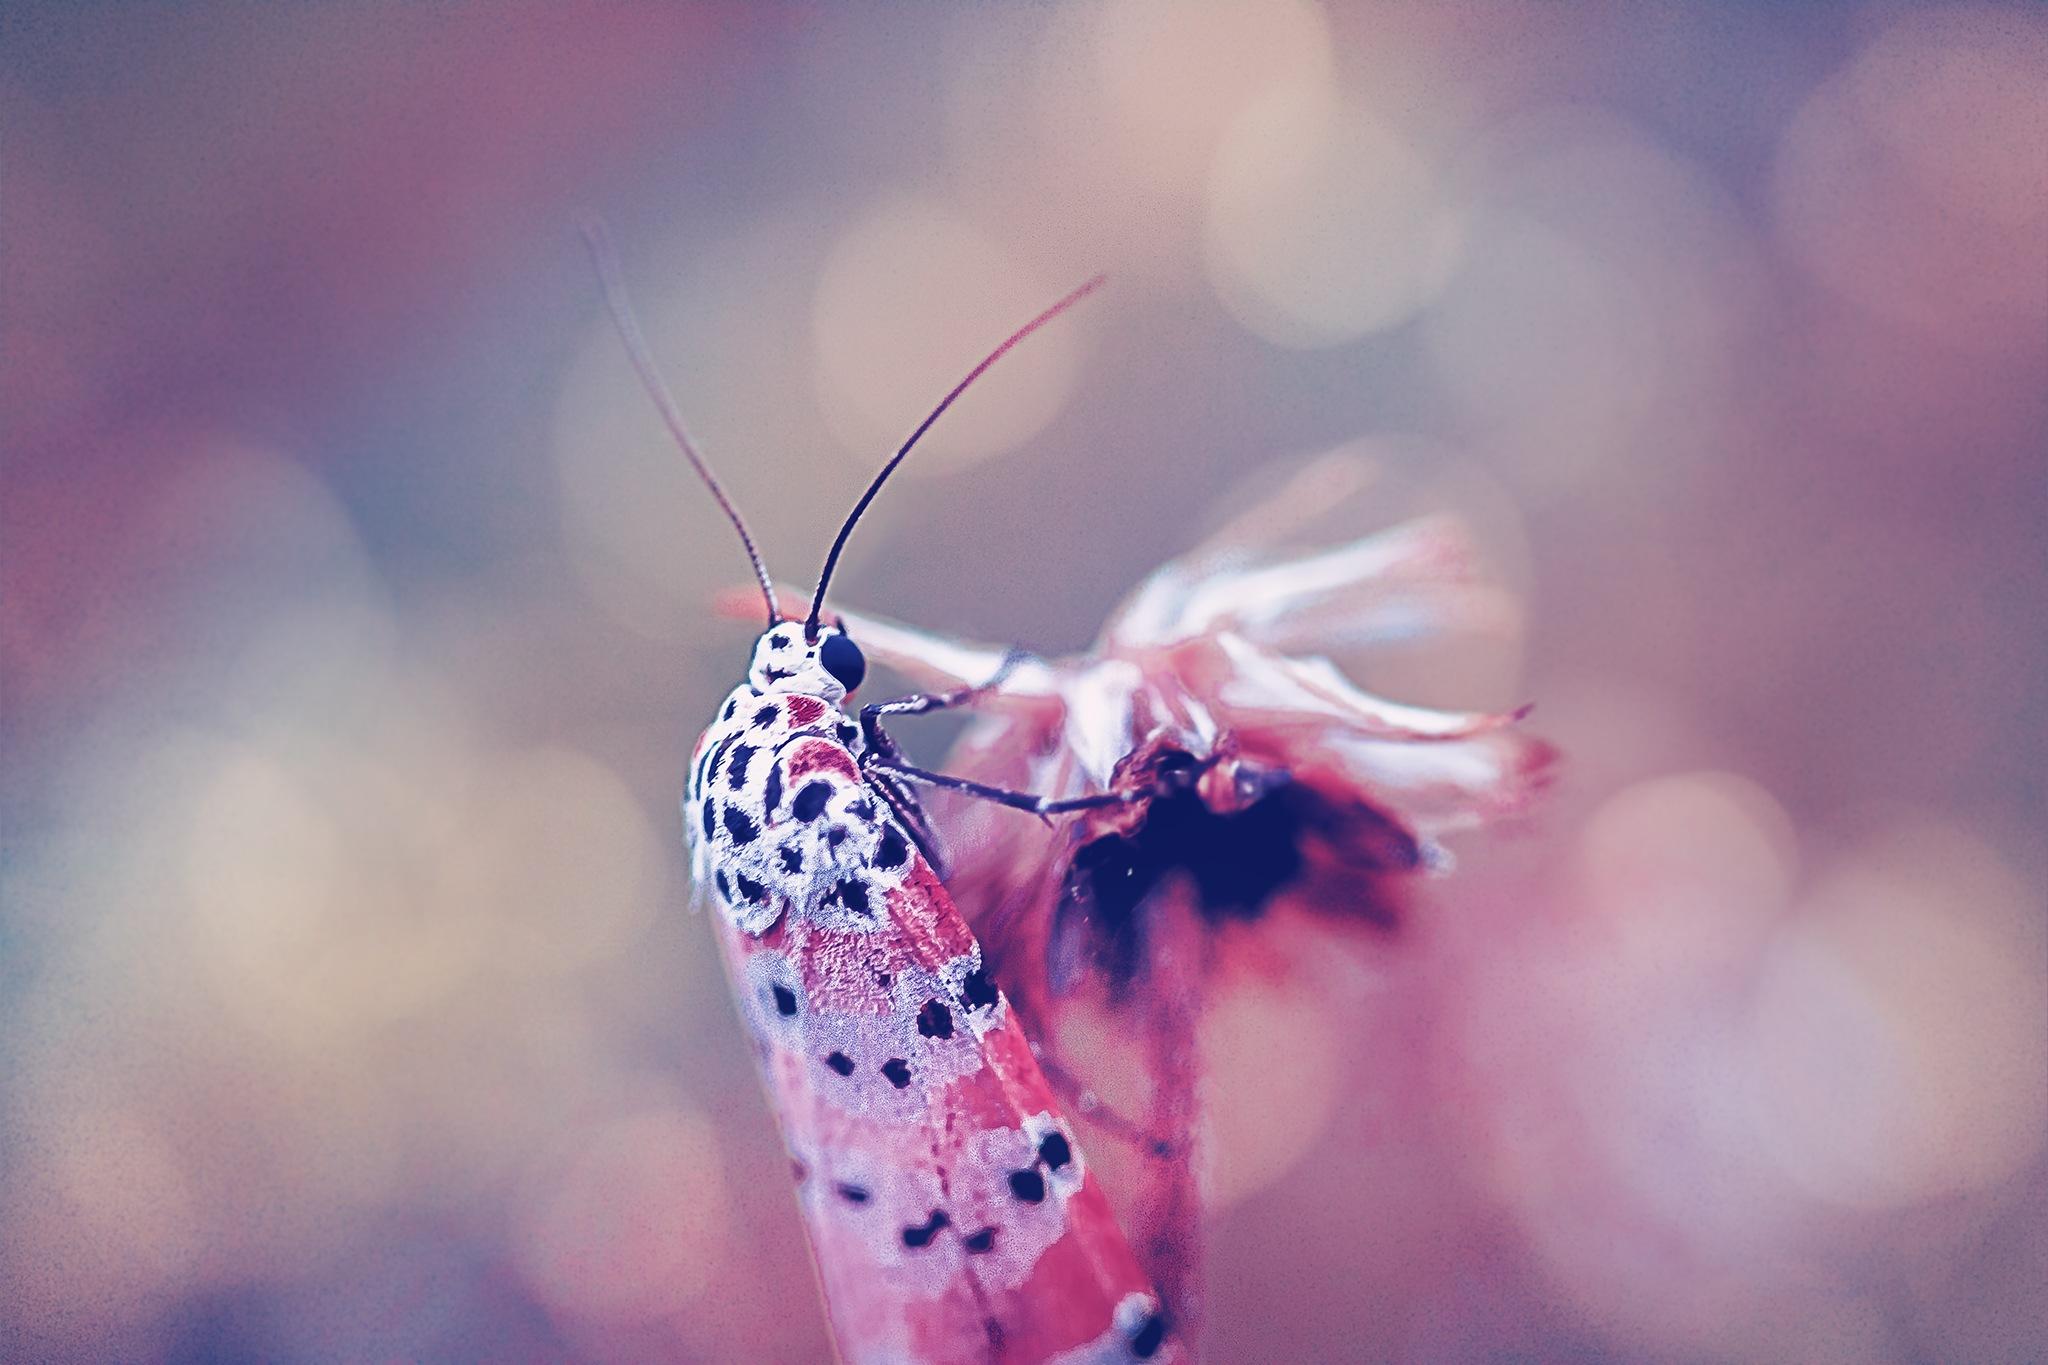 Moth 056-001 - Utetheisa bella by Tony Guzman